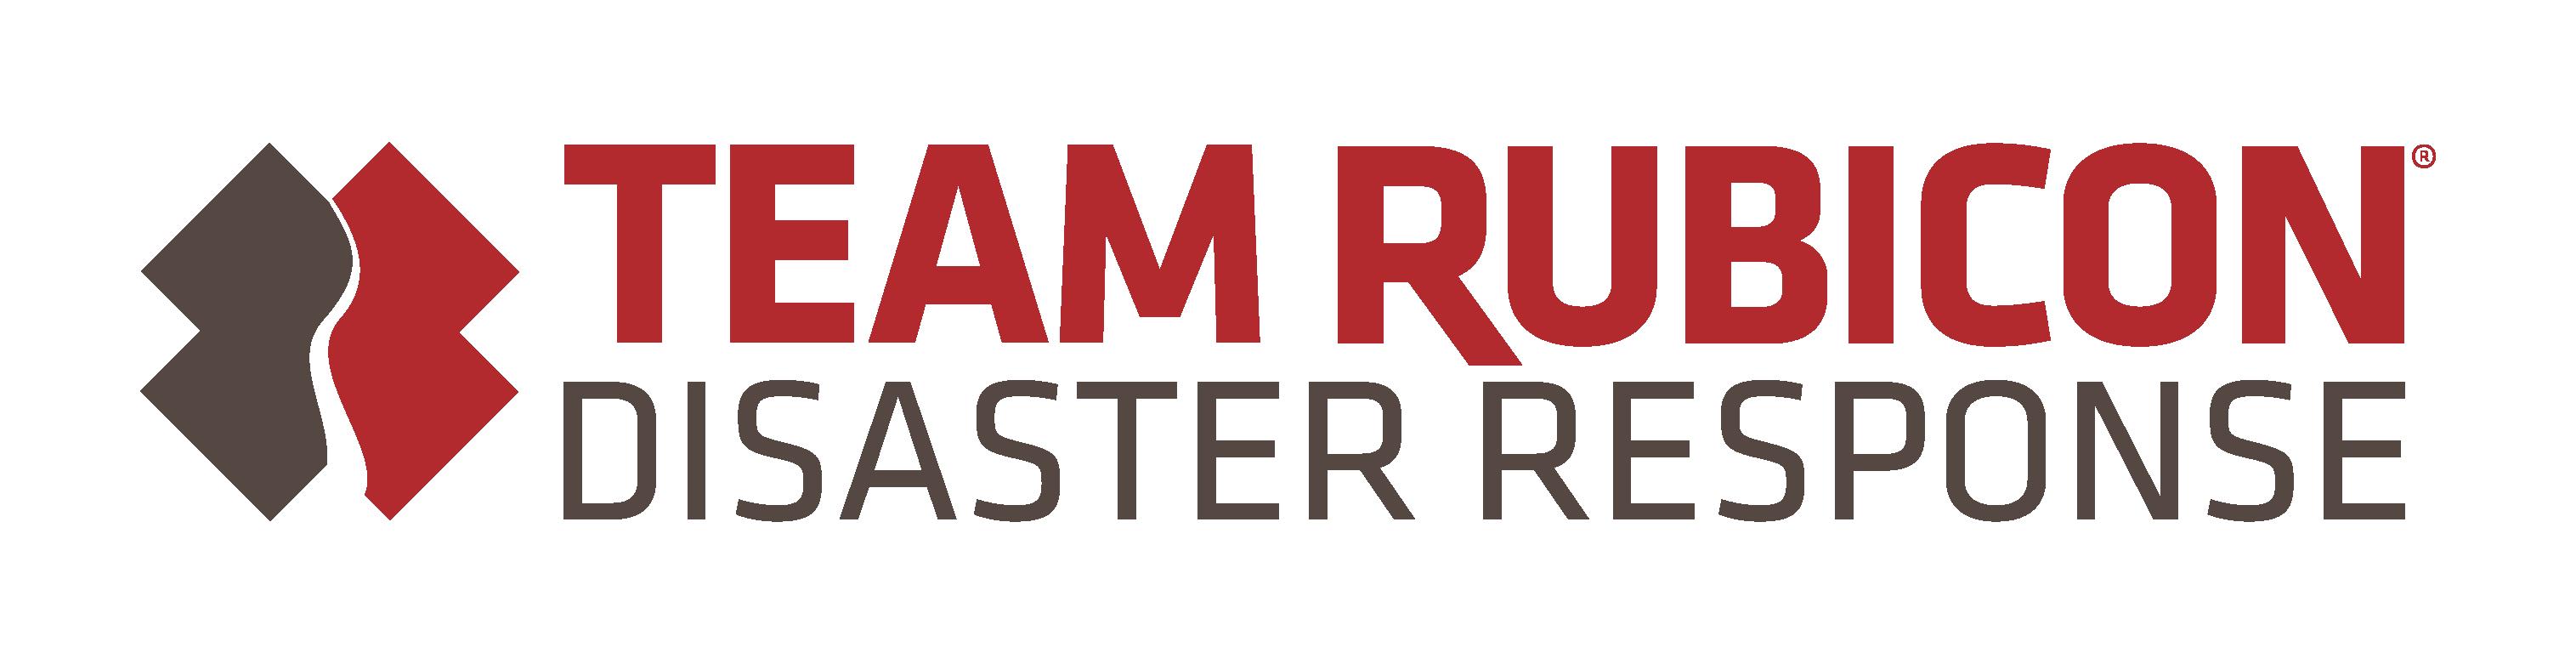 TeamRubicon_logo_DR-horiz_brown-red_cmyk-01.png